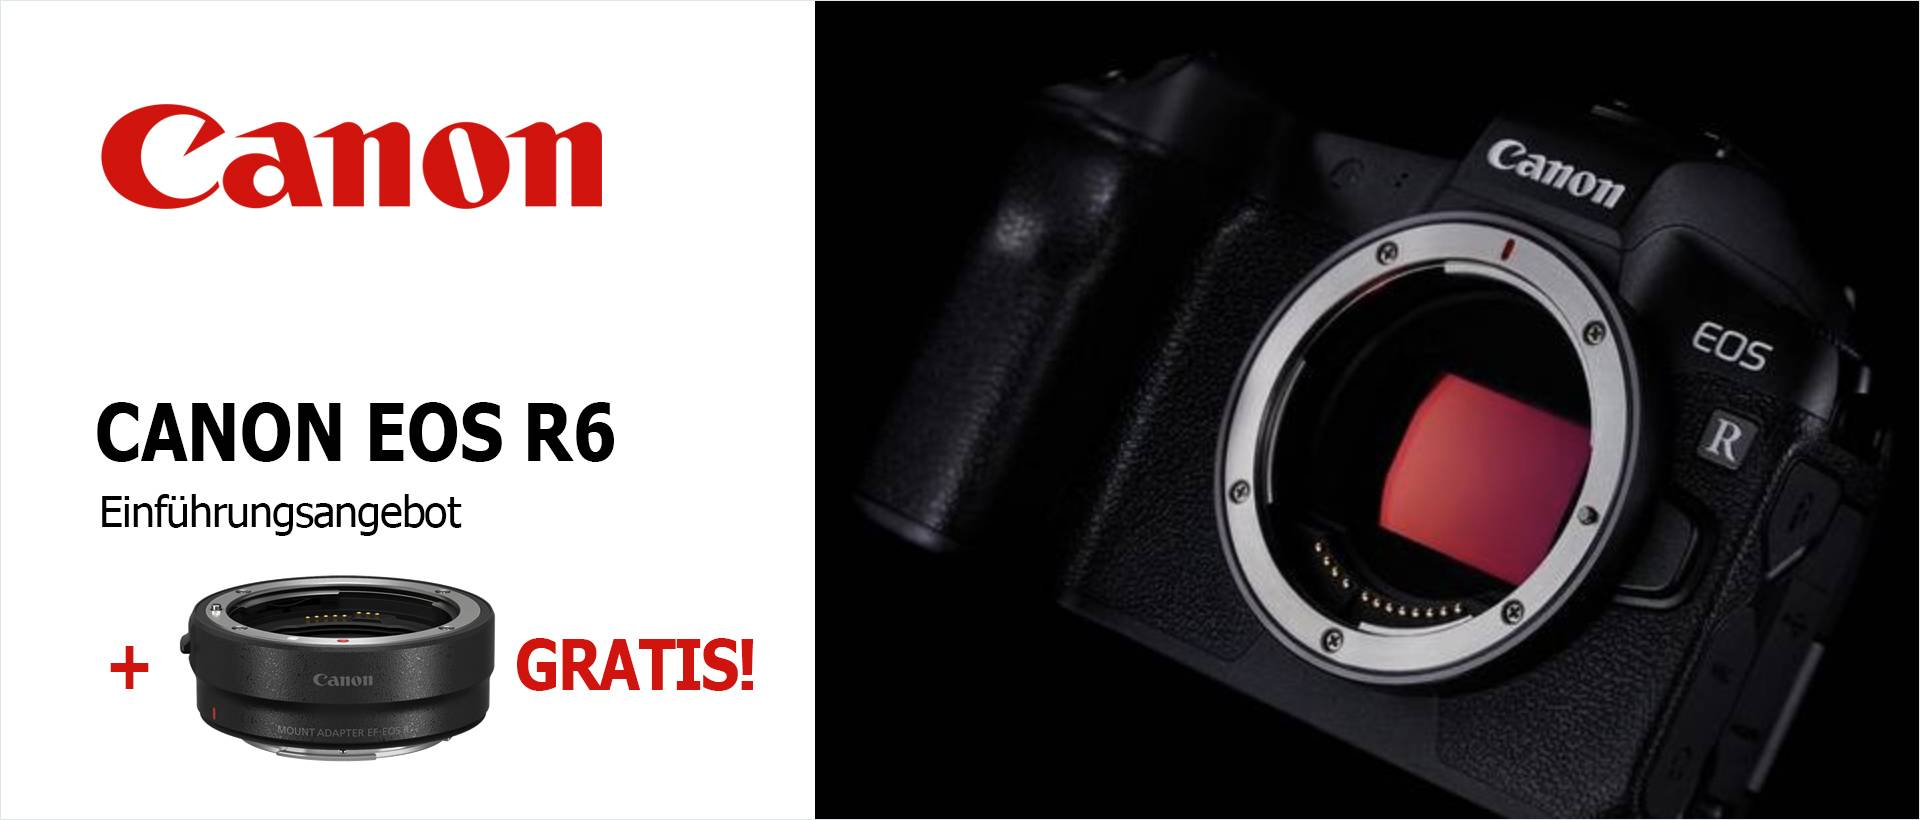 Canon EOS R5 Einführungsangebot